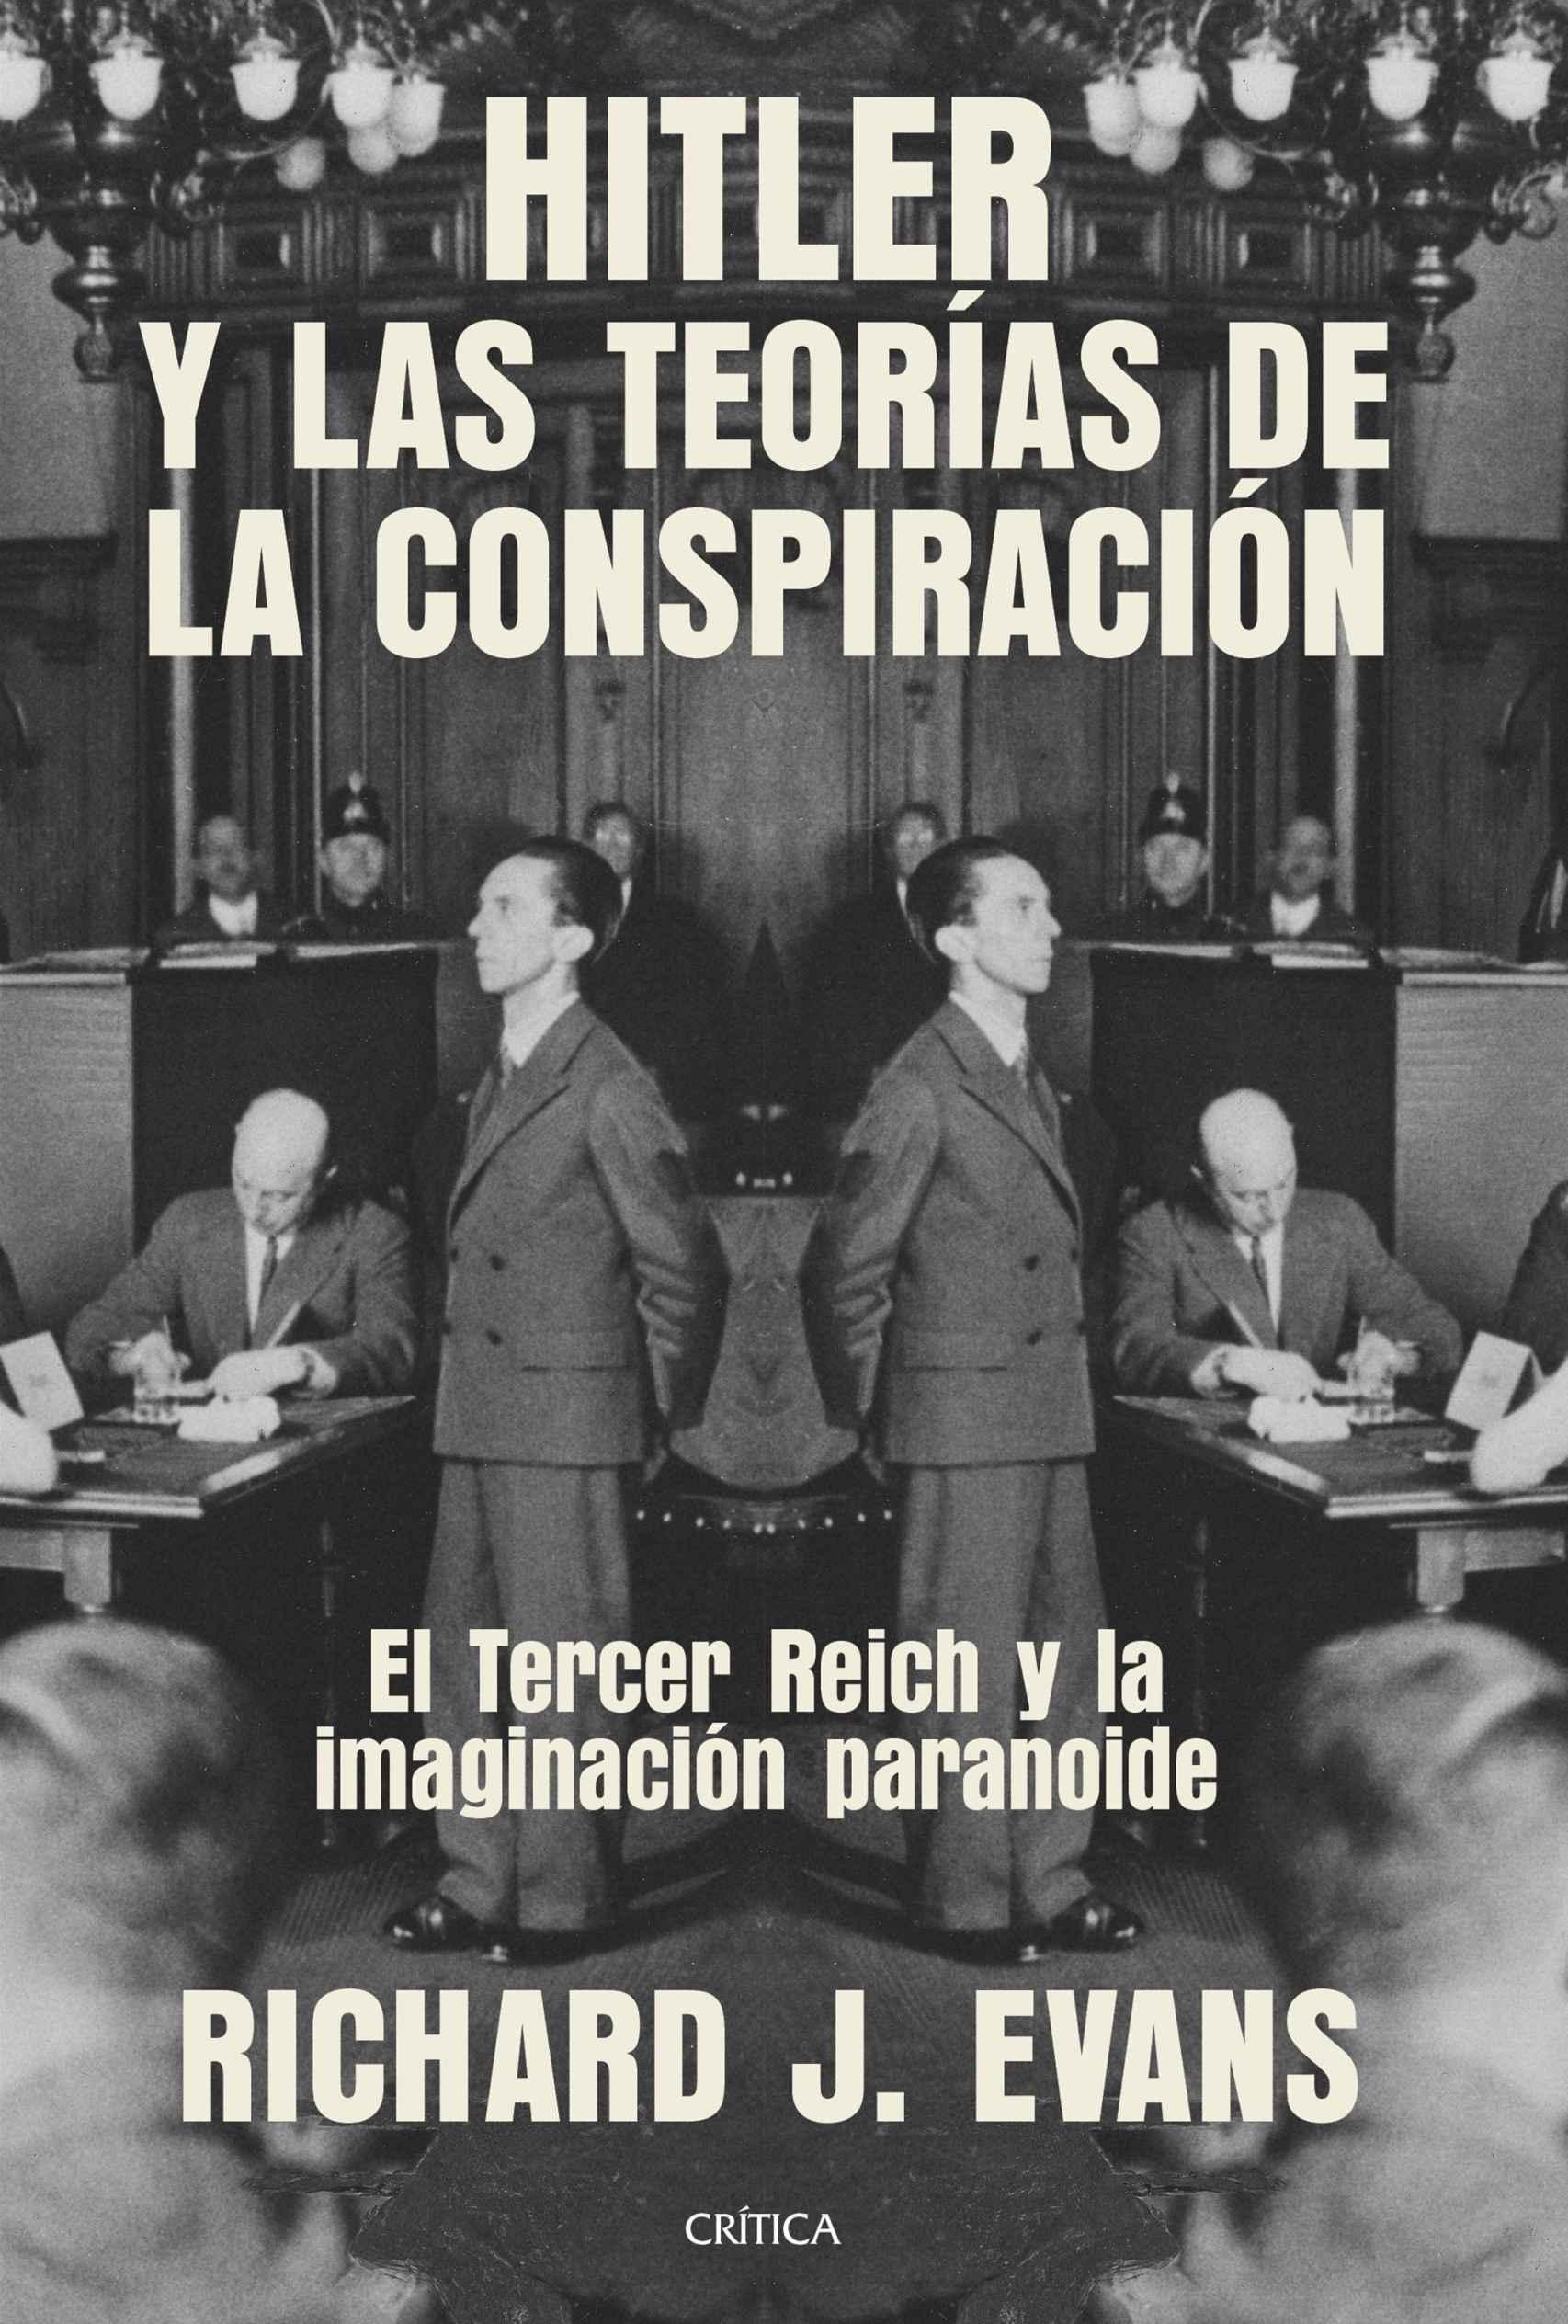 Portada de 'Hitler y las teorías de la conspiración'.